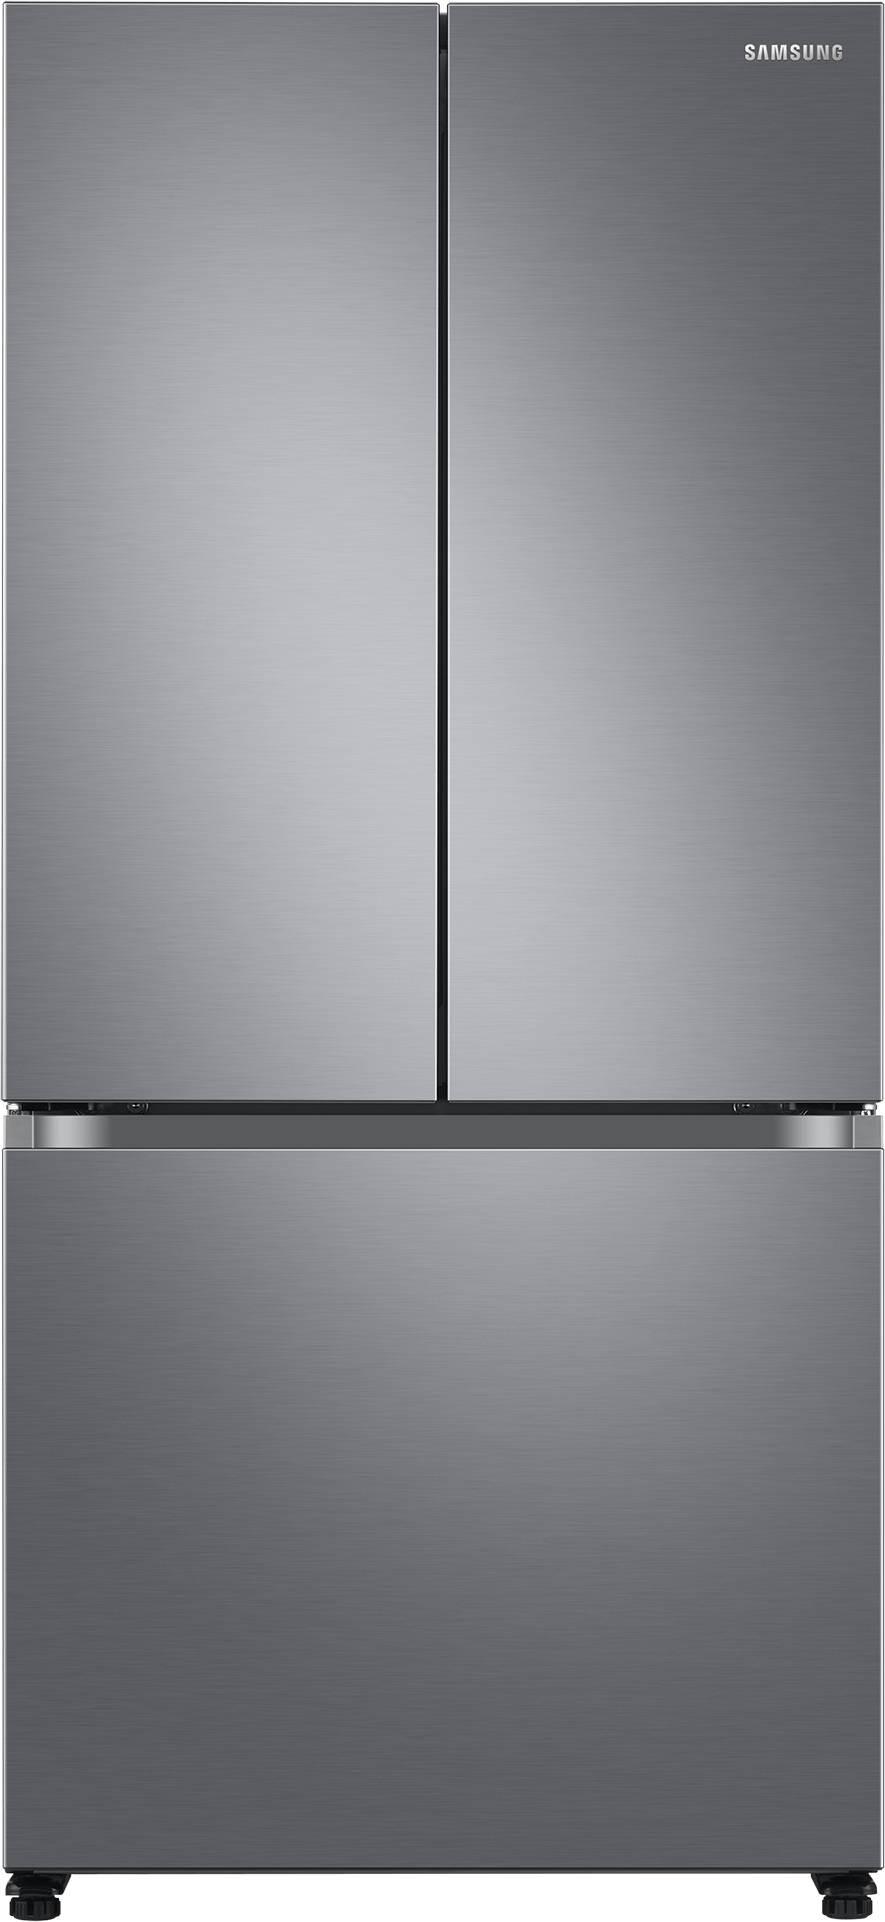 RF50A5002S9